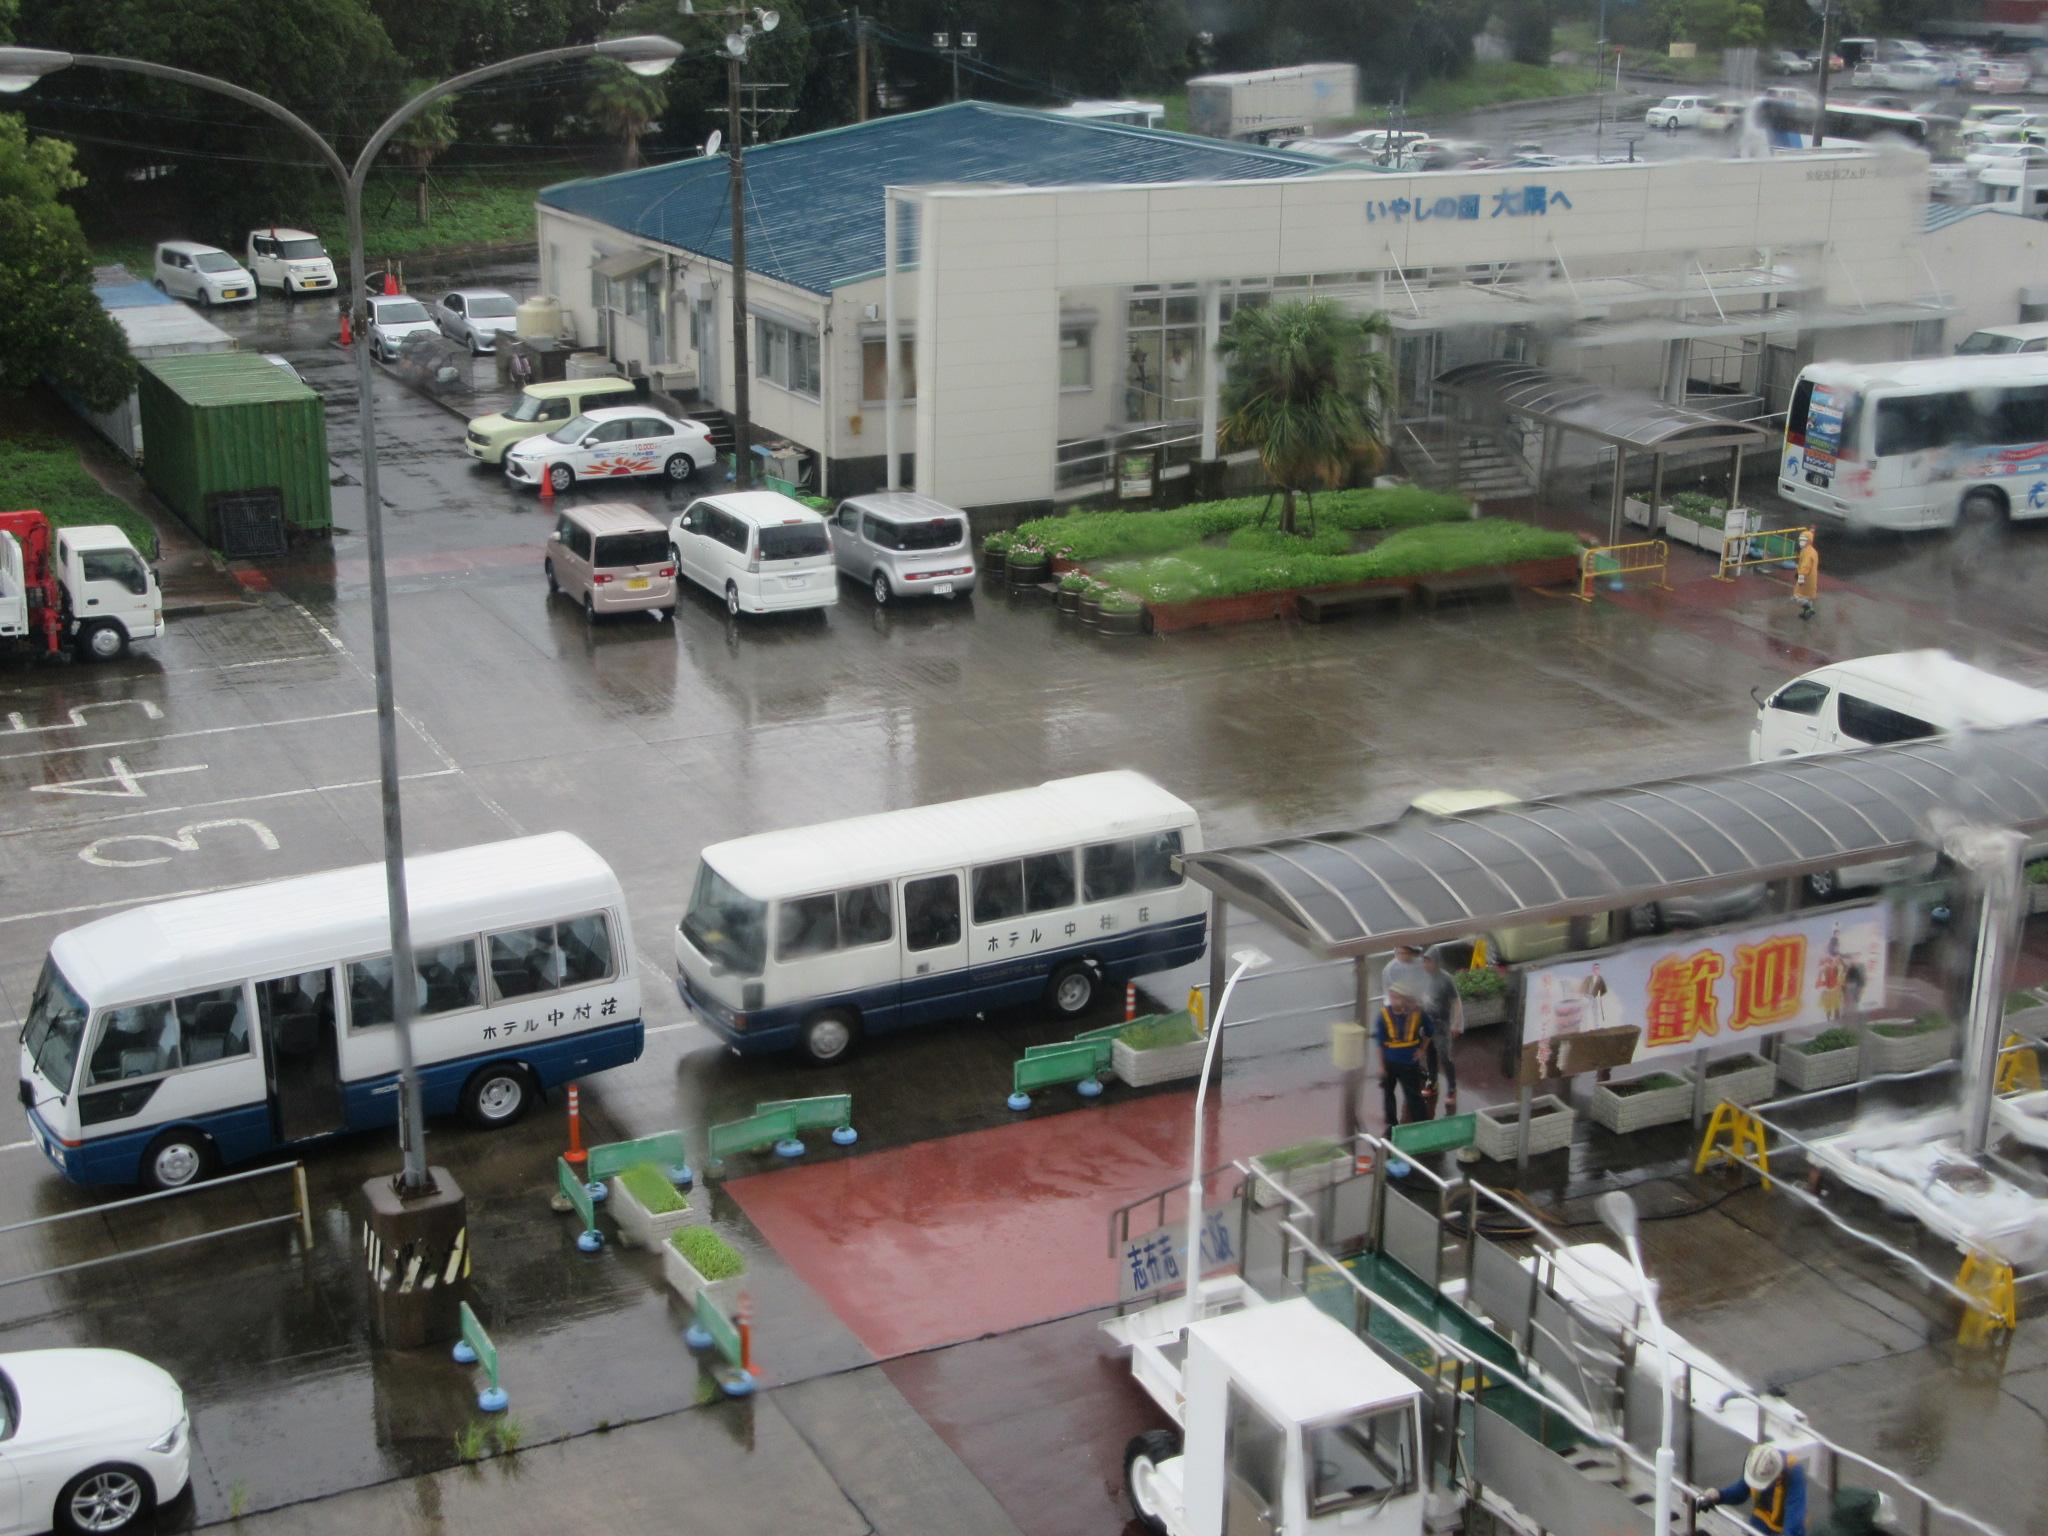 志布志港に到着 中村荘さんがマイクロバスで送迎してくださいます 港から宿舎はバスで20分程度です